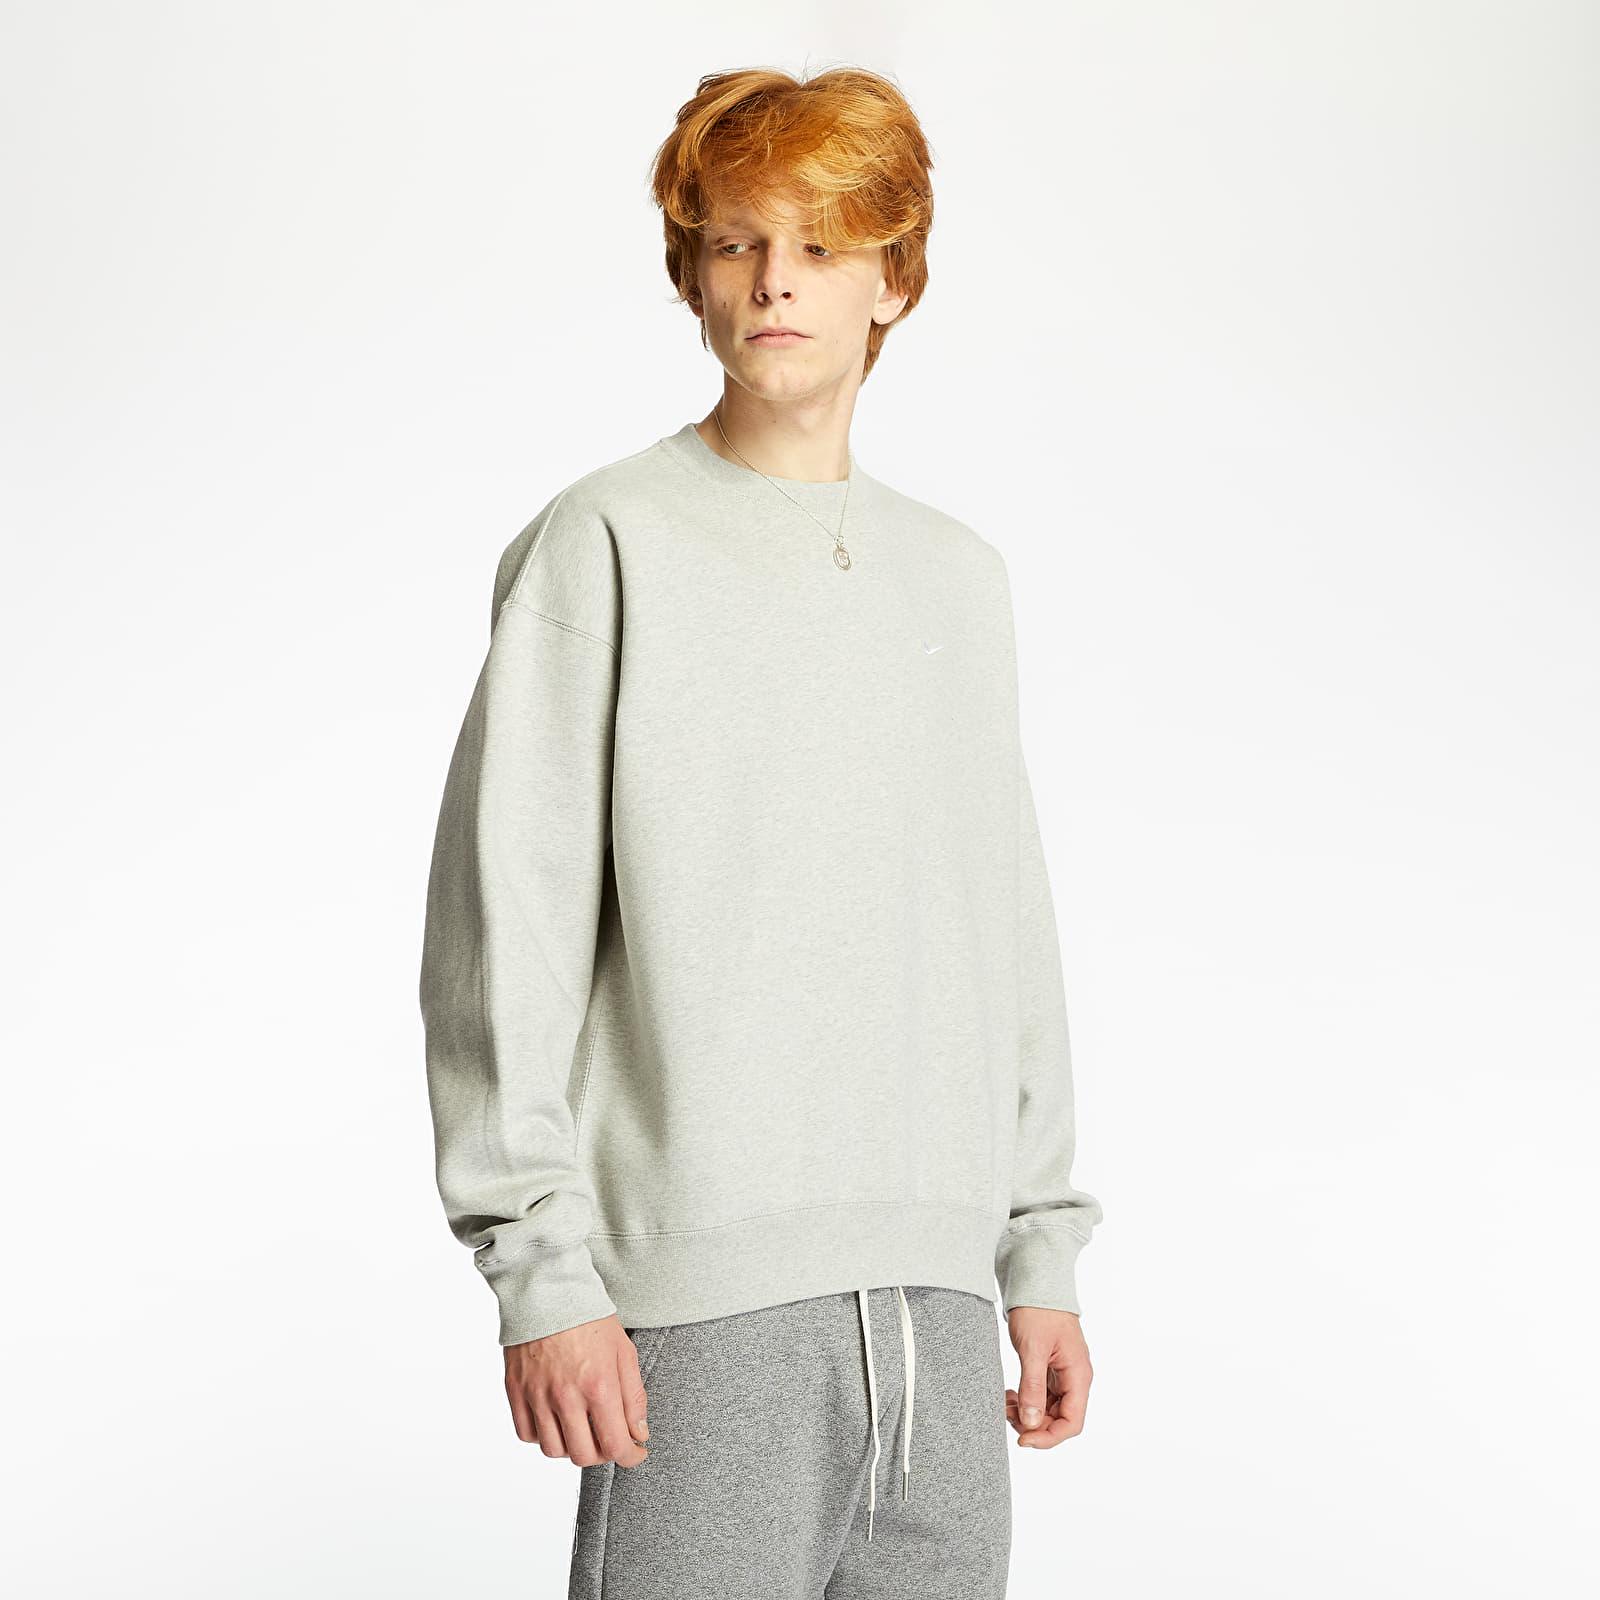 Hoodies and sweatshirts Nike NRG Fleece Crewneck Grey